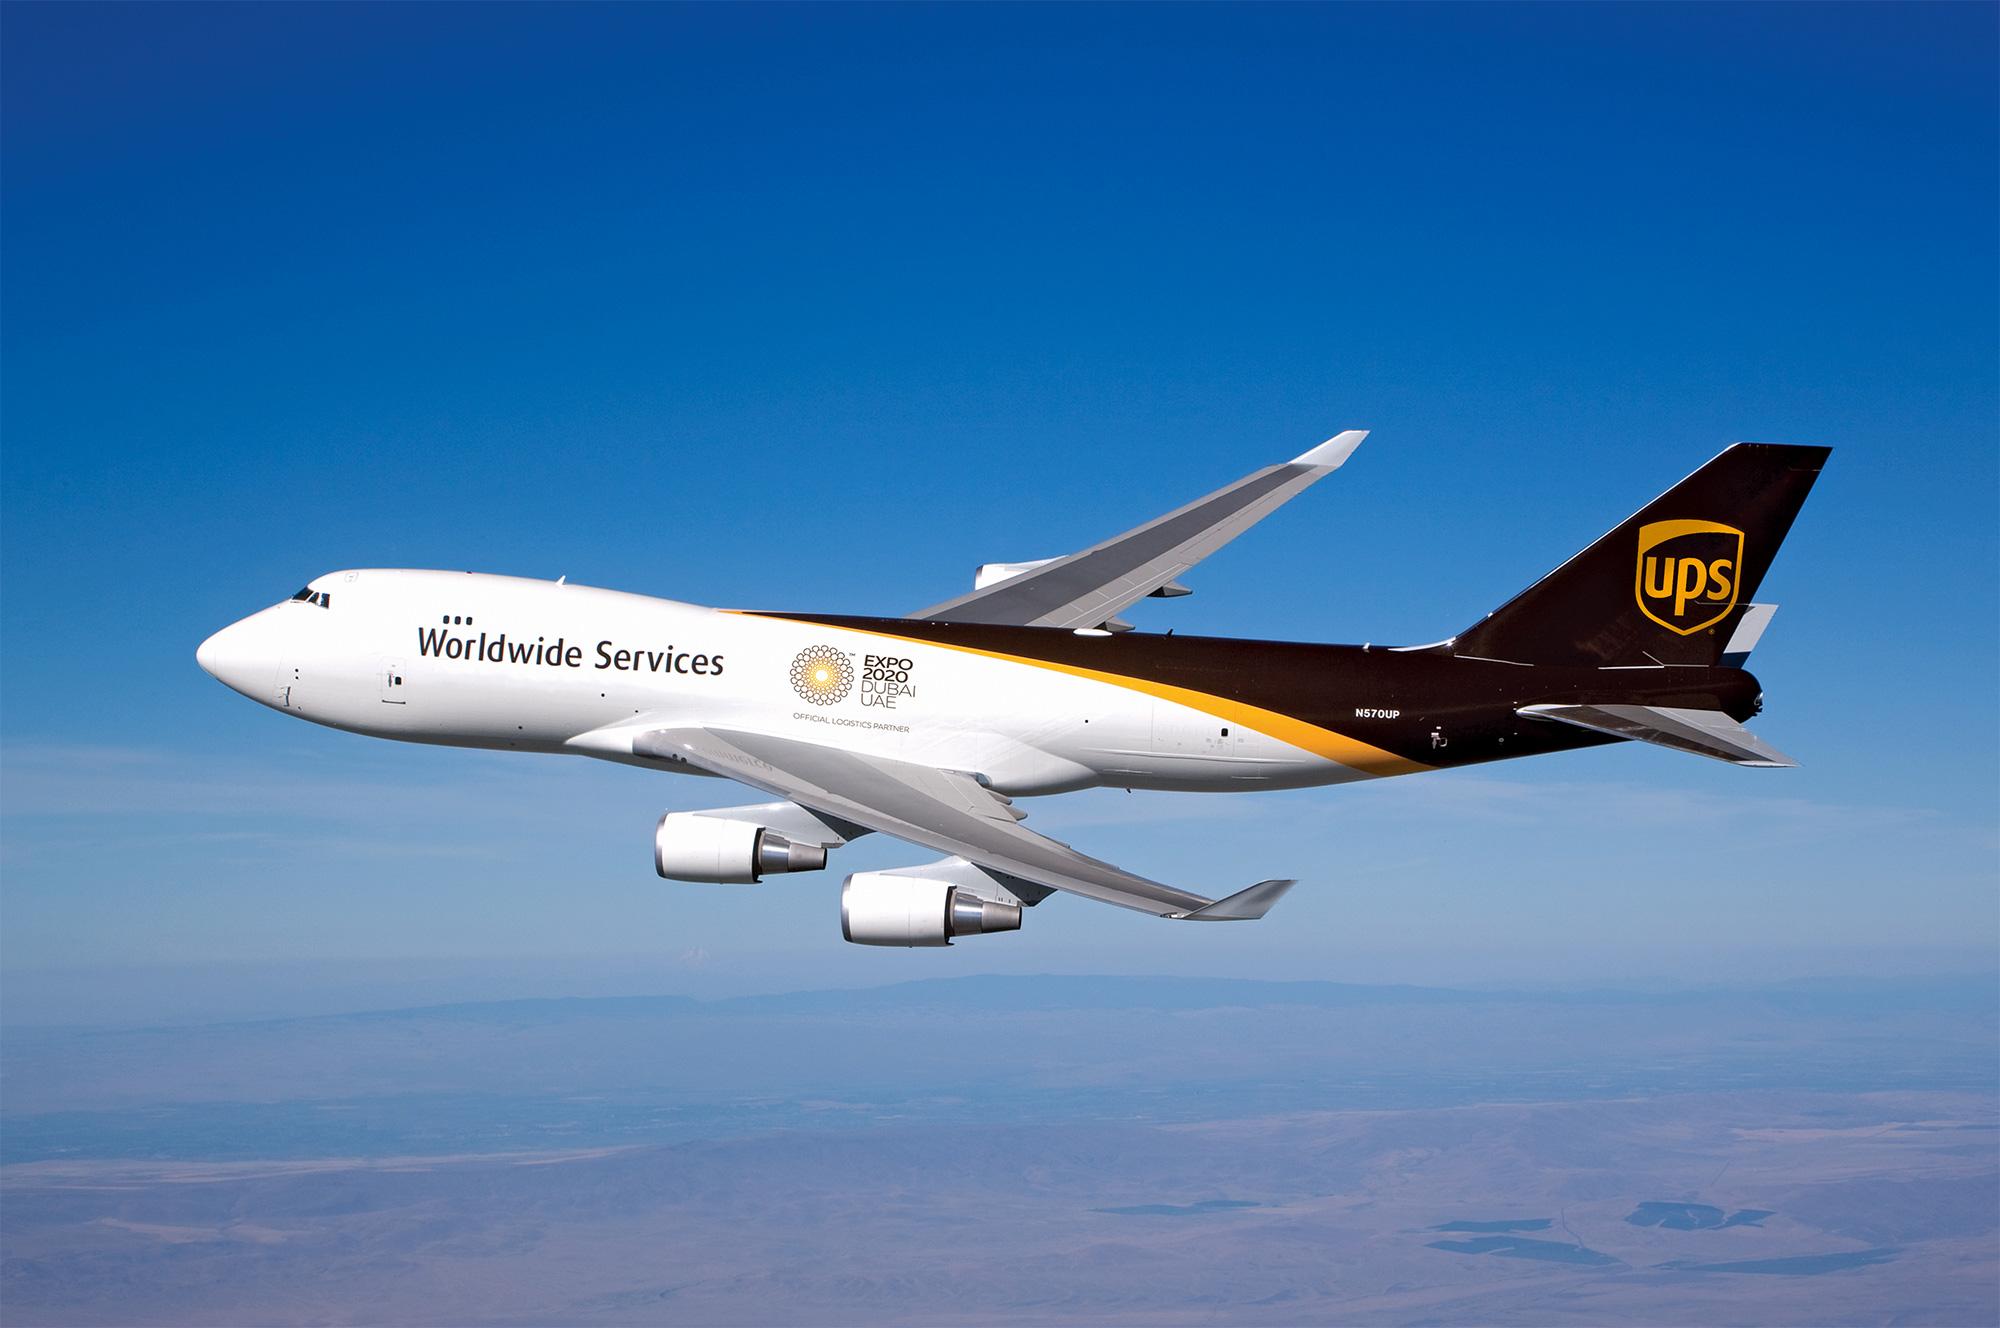 UPS国际快递 UPS运输时效 UPS节假日服务延长 UPS快递 国际快递 鹿跃国际快递 UPS全球特快服务